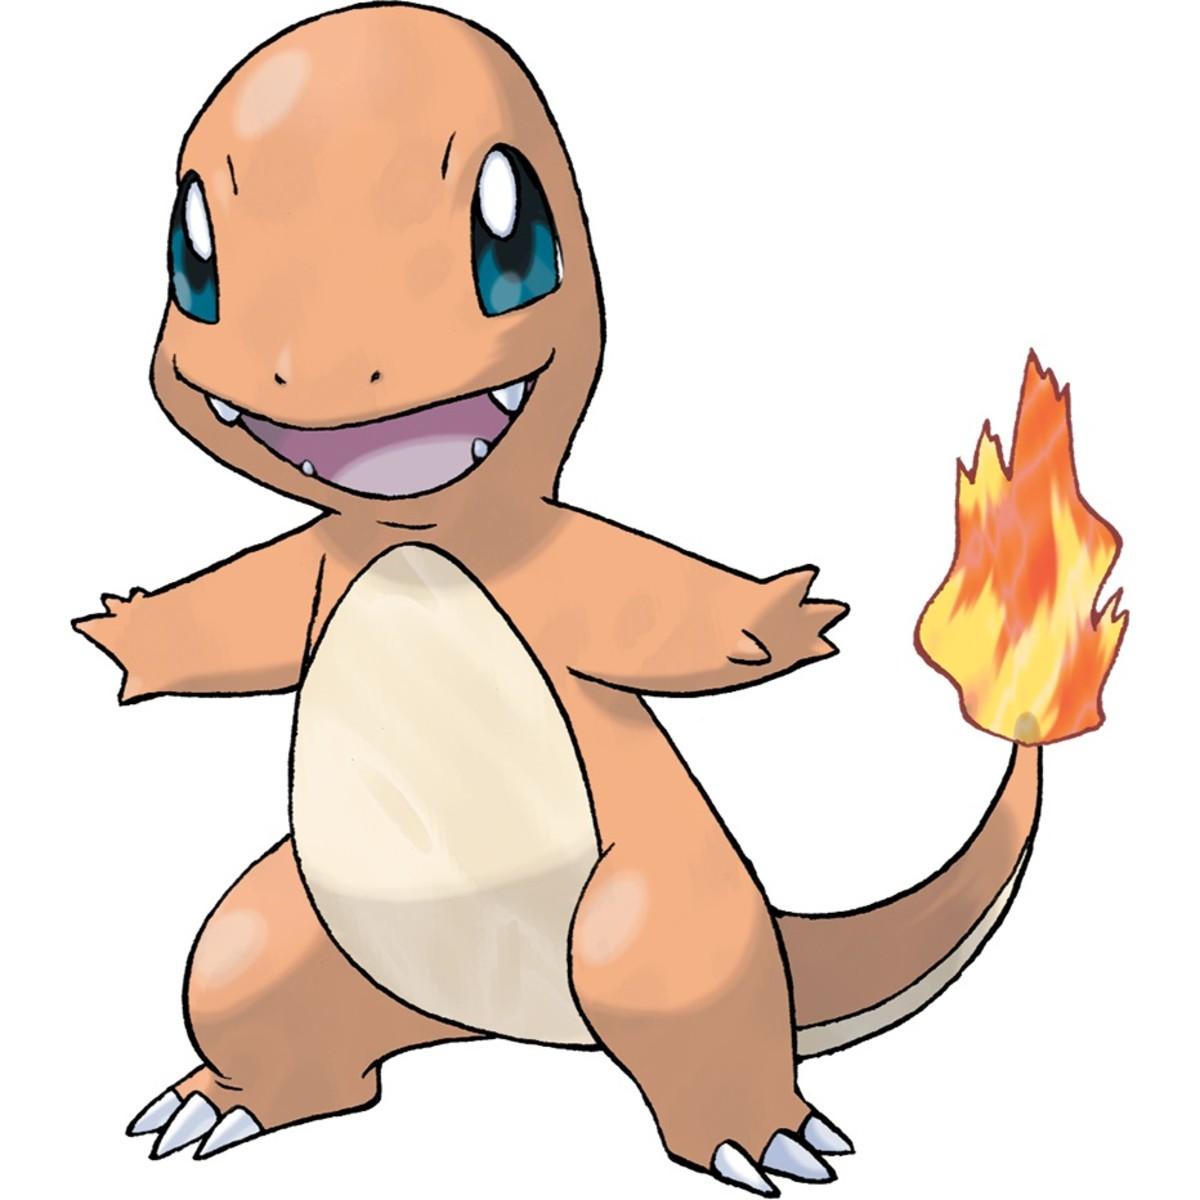 Pokémon: Charmander Nicknames